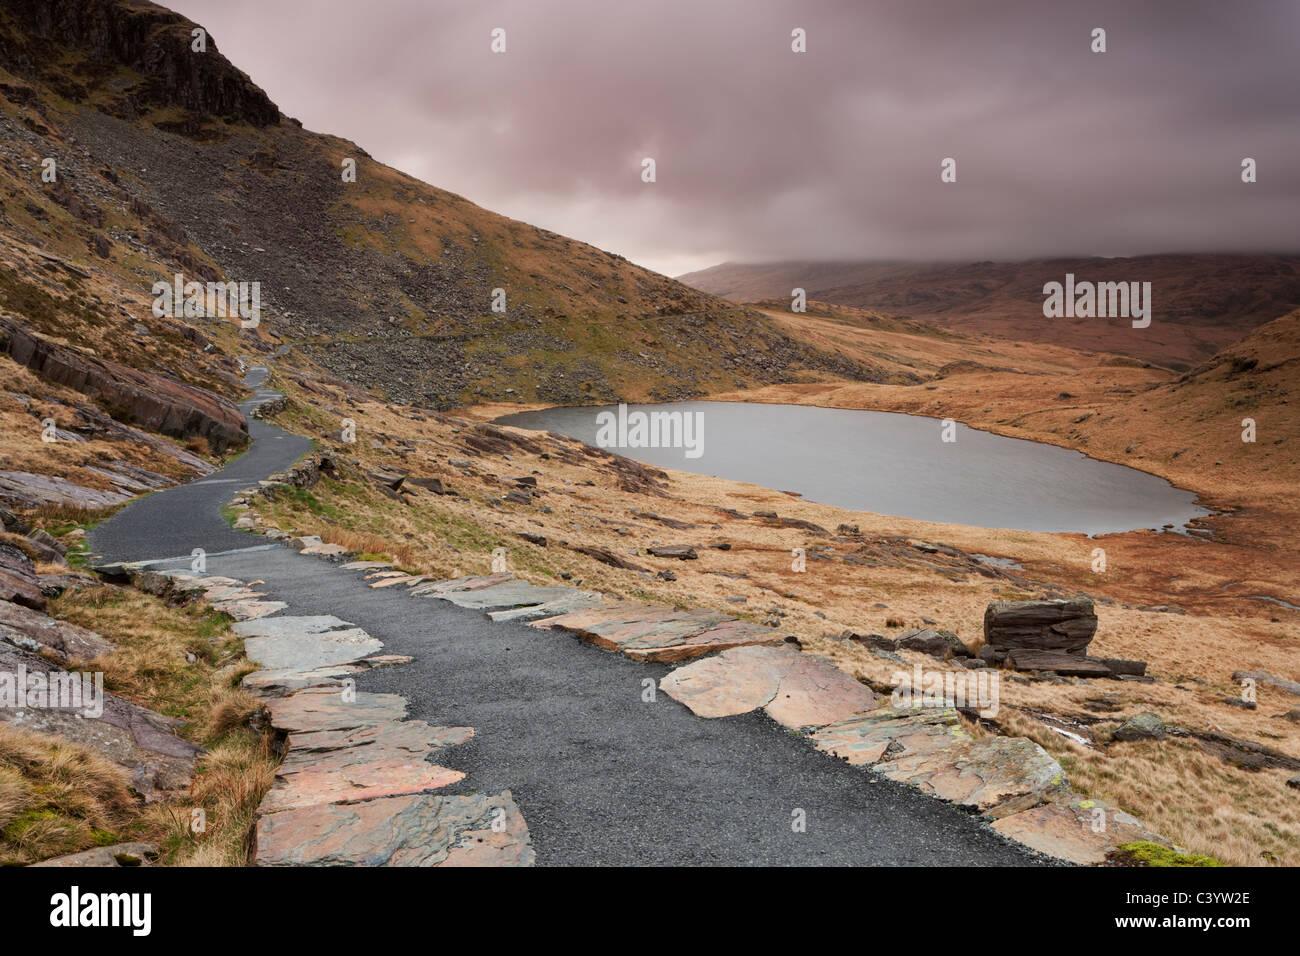 Los mineros vía sendero sinuoso alrededor de Llyn Teyrn en el descenso del monte Snowdon, Snowdonia Imagen De Stock